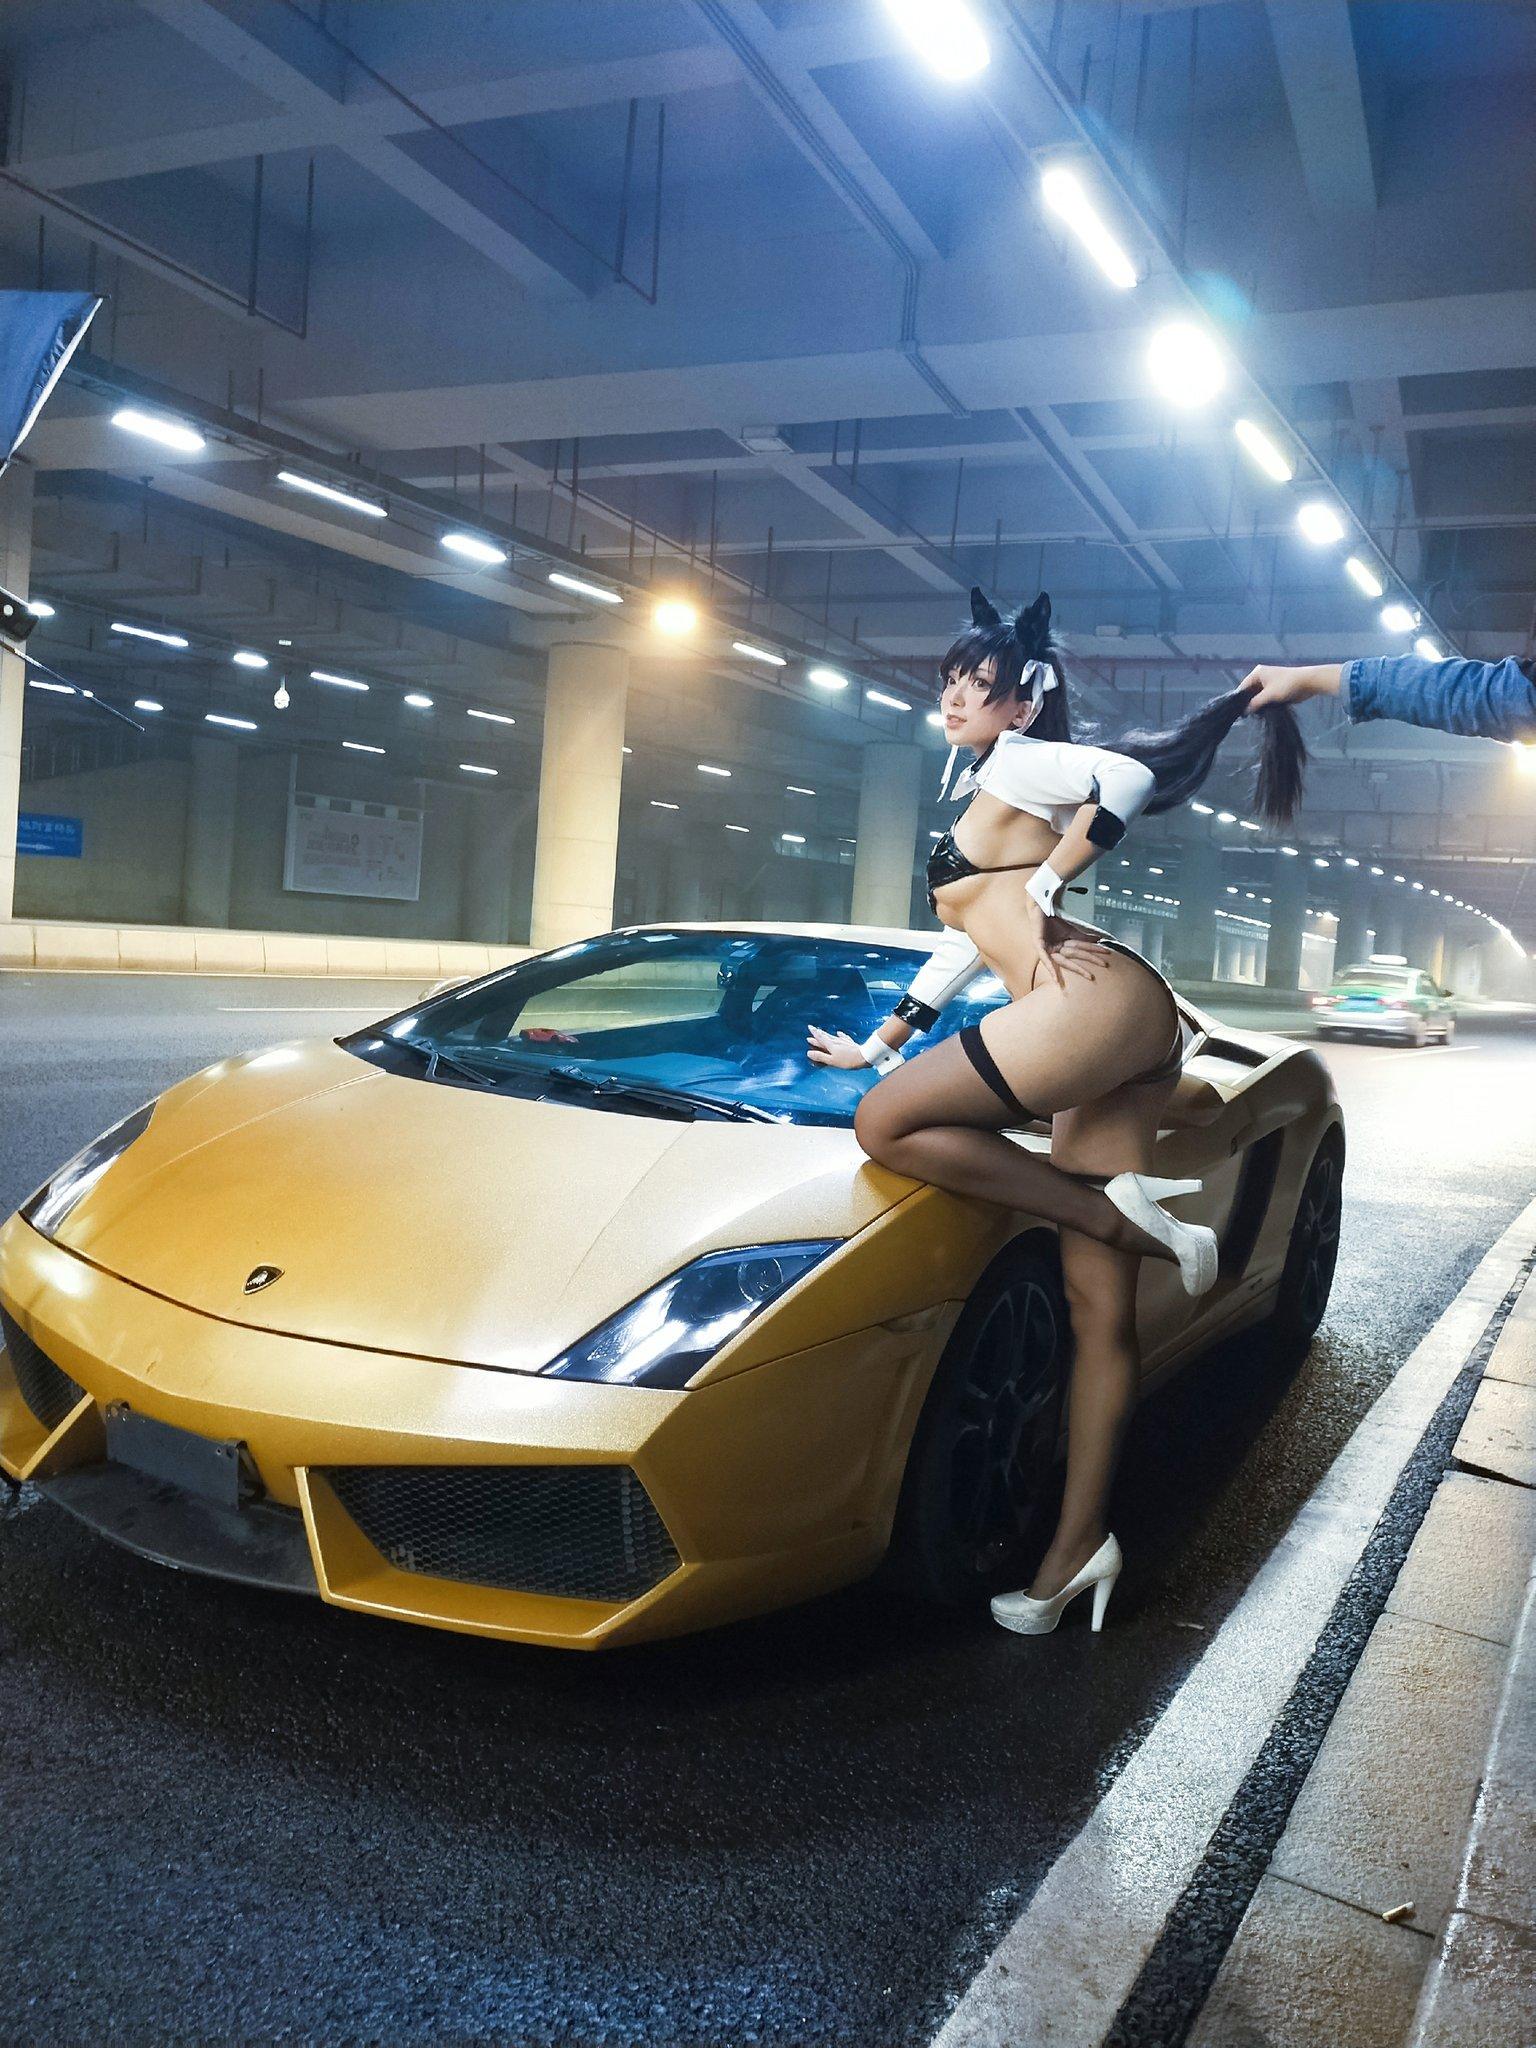 中国最強美少女の巨乳JKが日本の制服来てみましたwwwwwwwwwwwwww luFcPsB